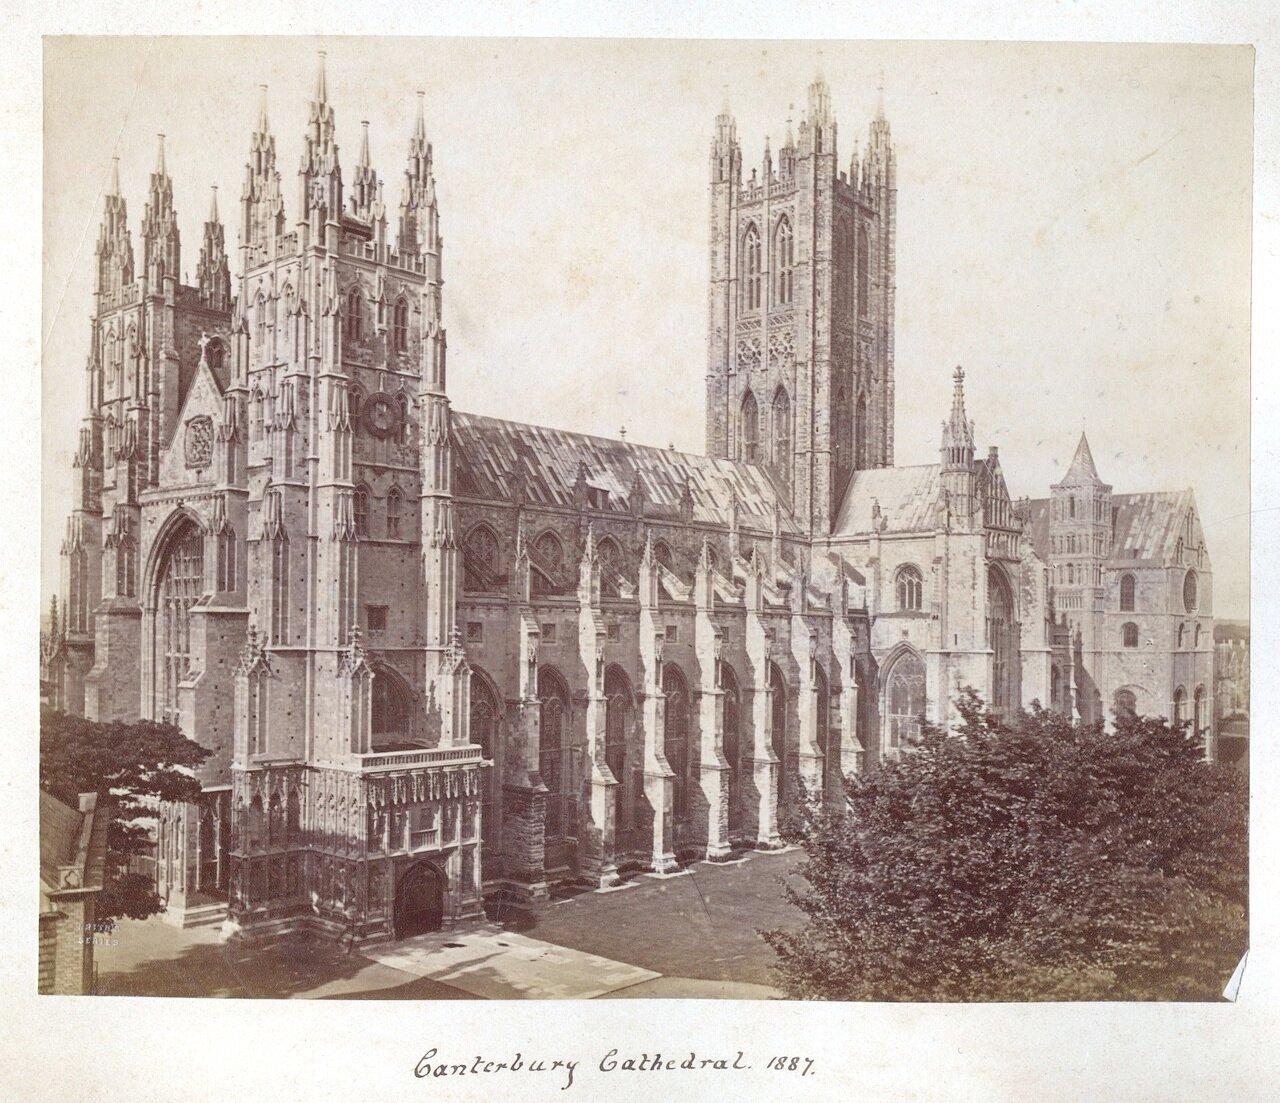 Frith & Co. Albumen print, England, 1887